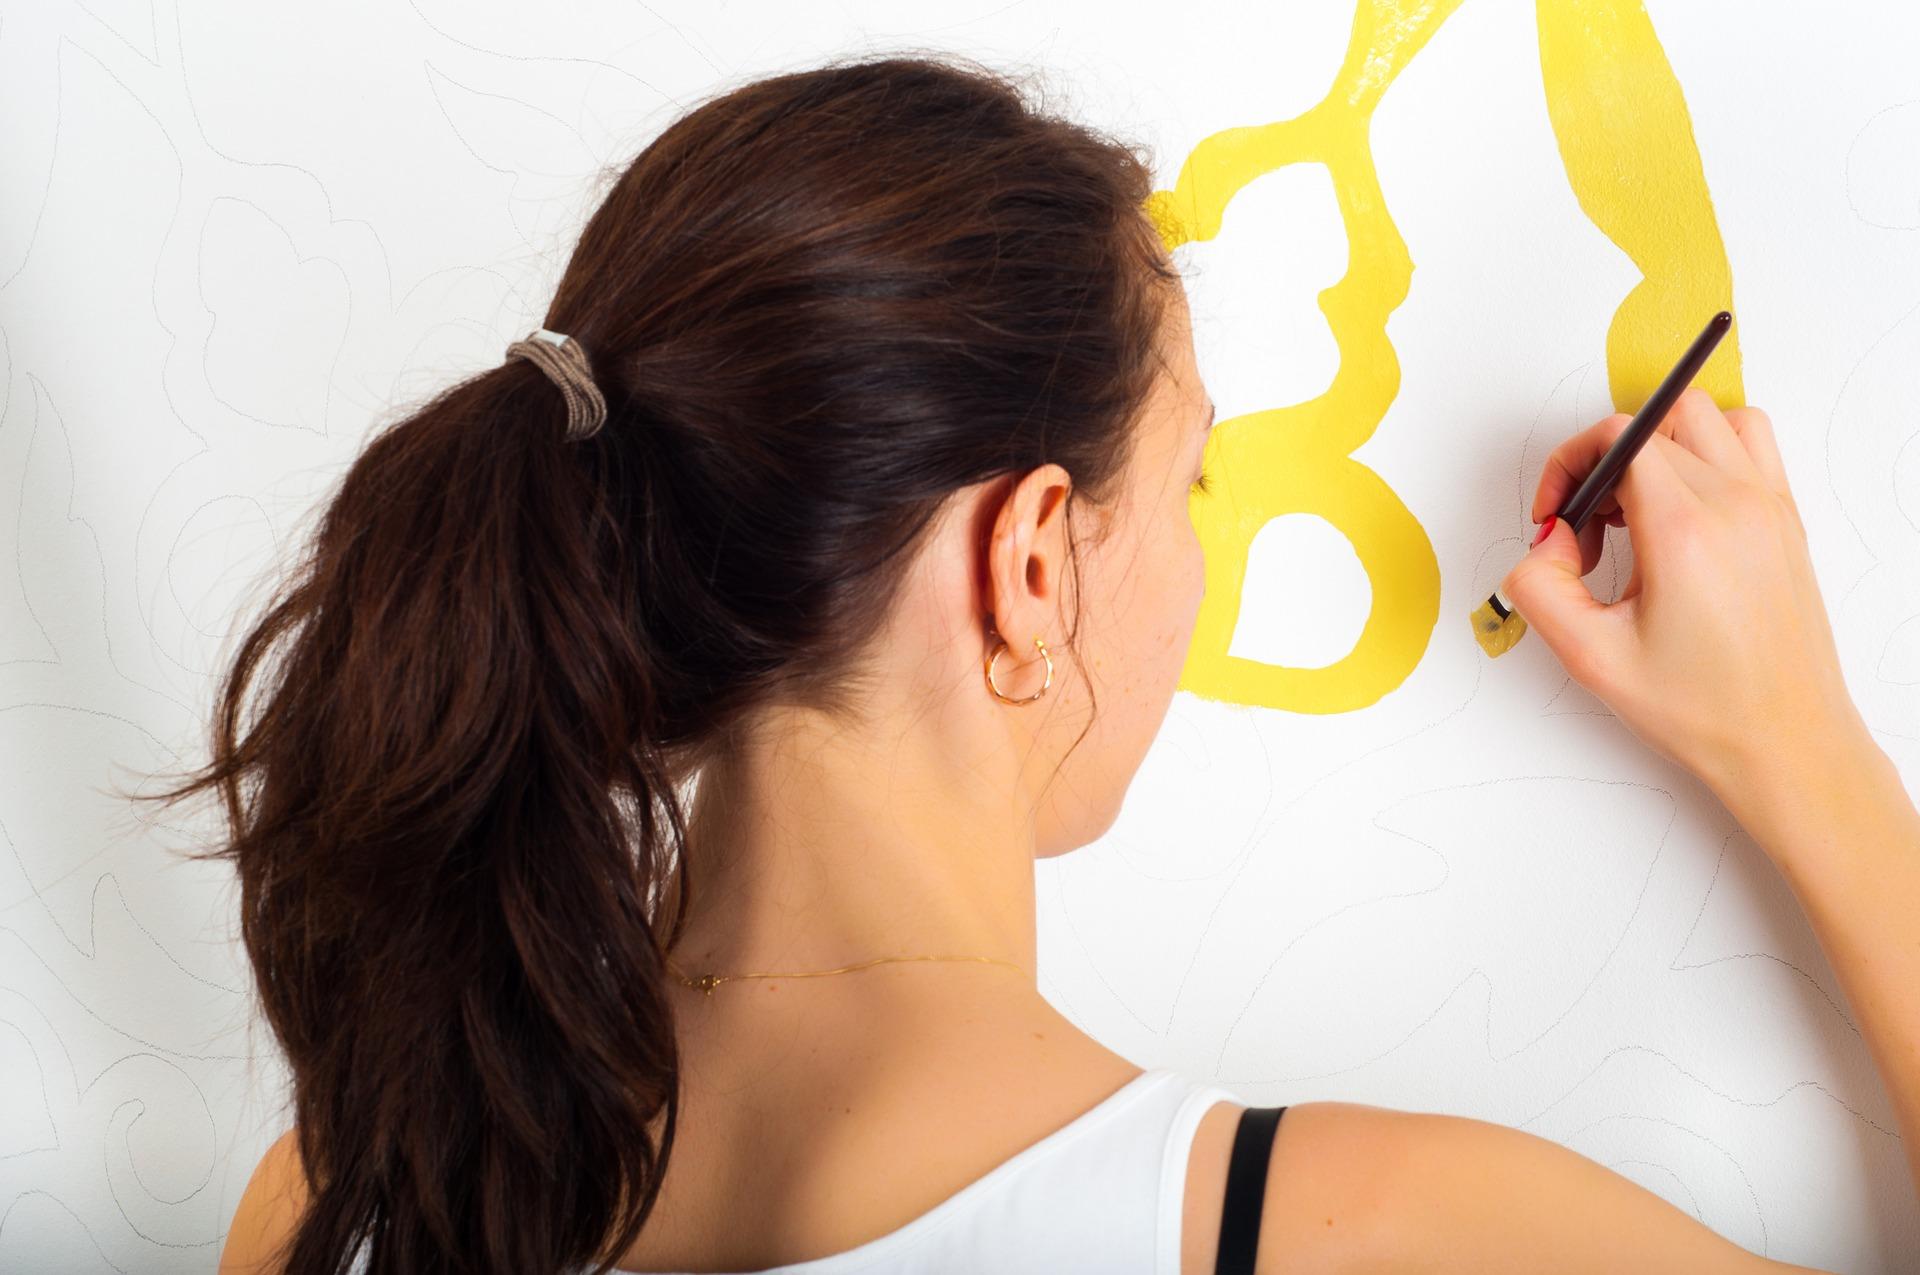 ハスラーの塗装方法・費用はいくら?自分でdiyすると安上がり?